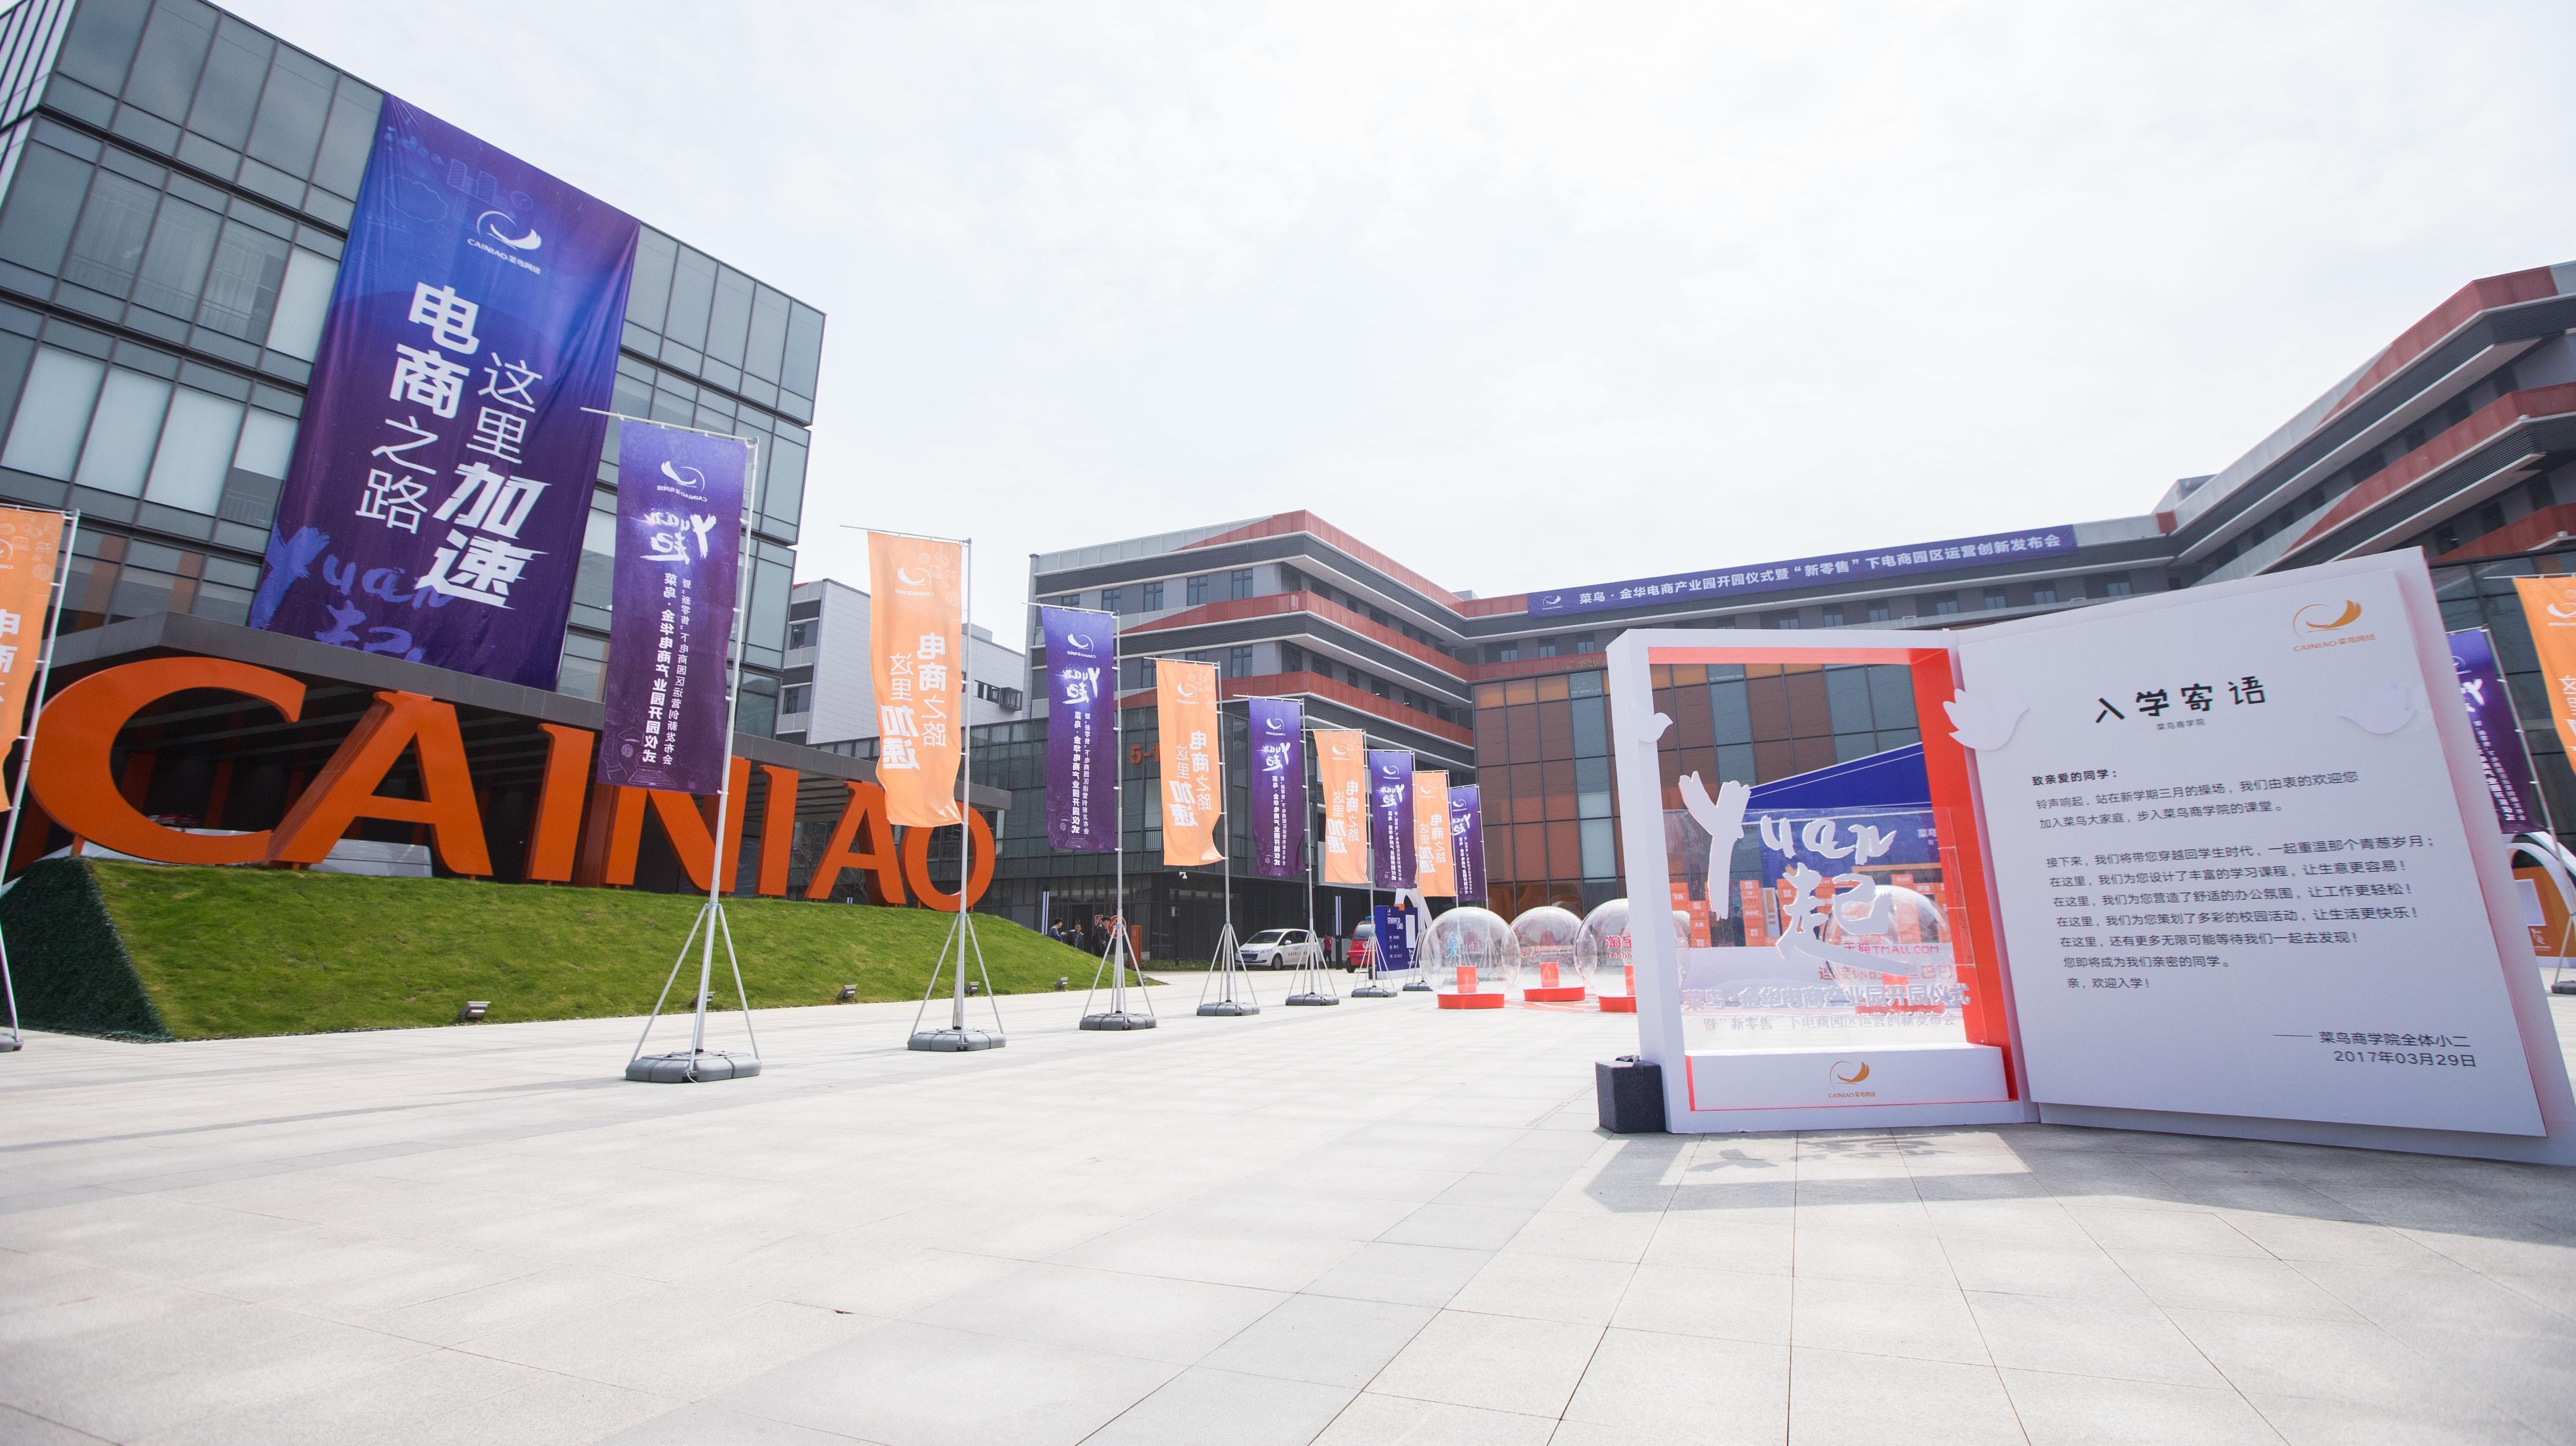 聚焦| 阿里首个电商产业园正式开园